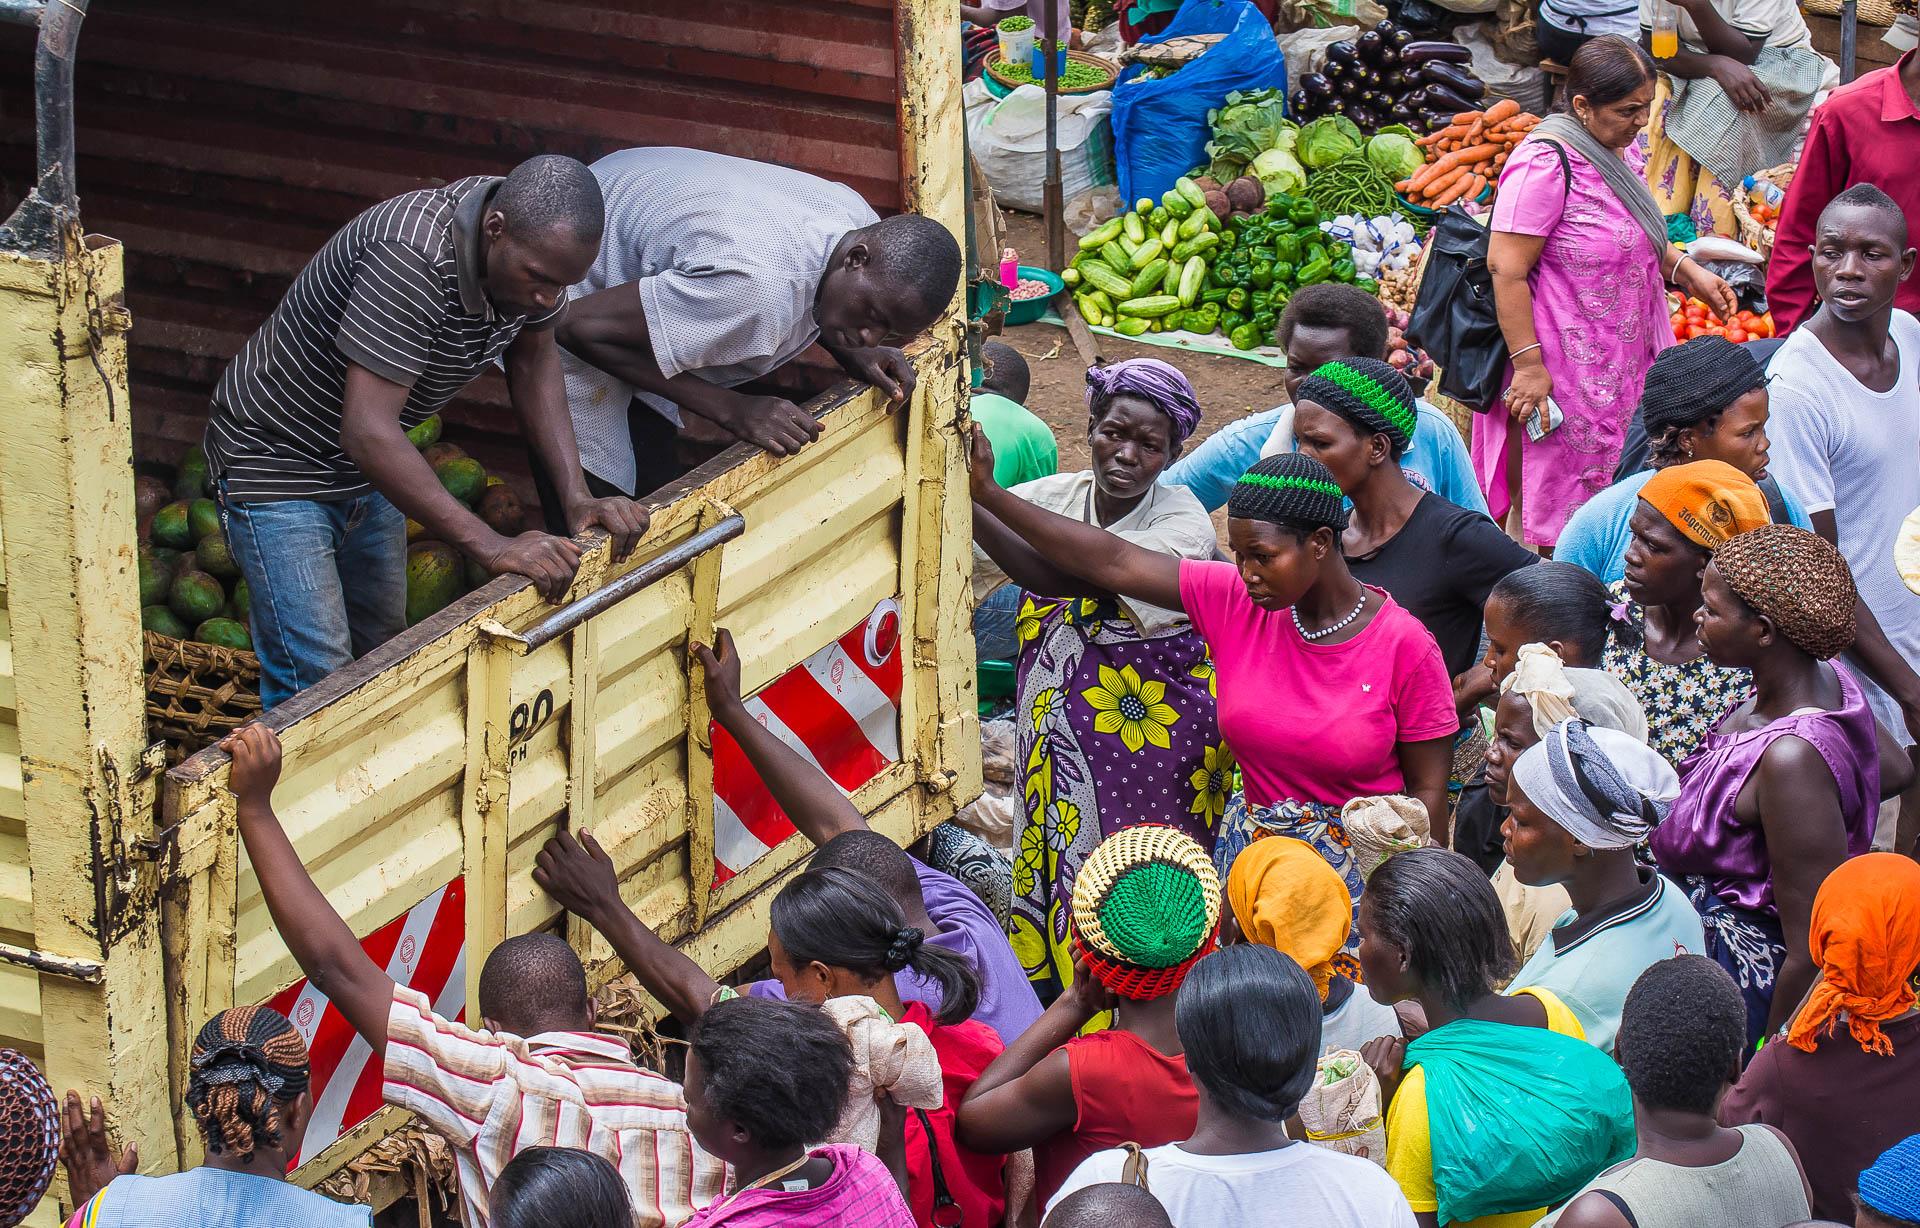 Nakasero Market Kampala, Uganda